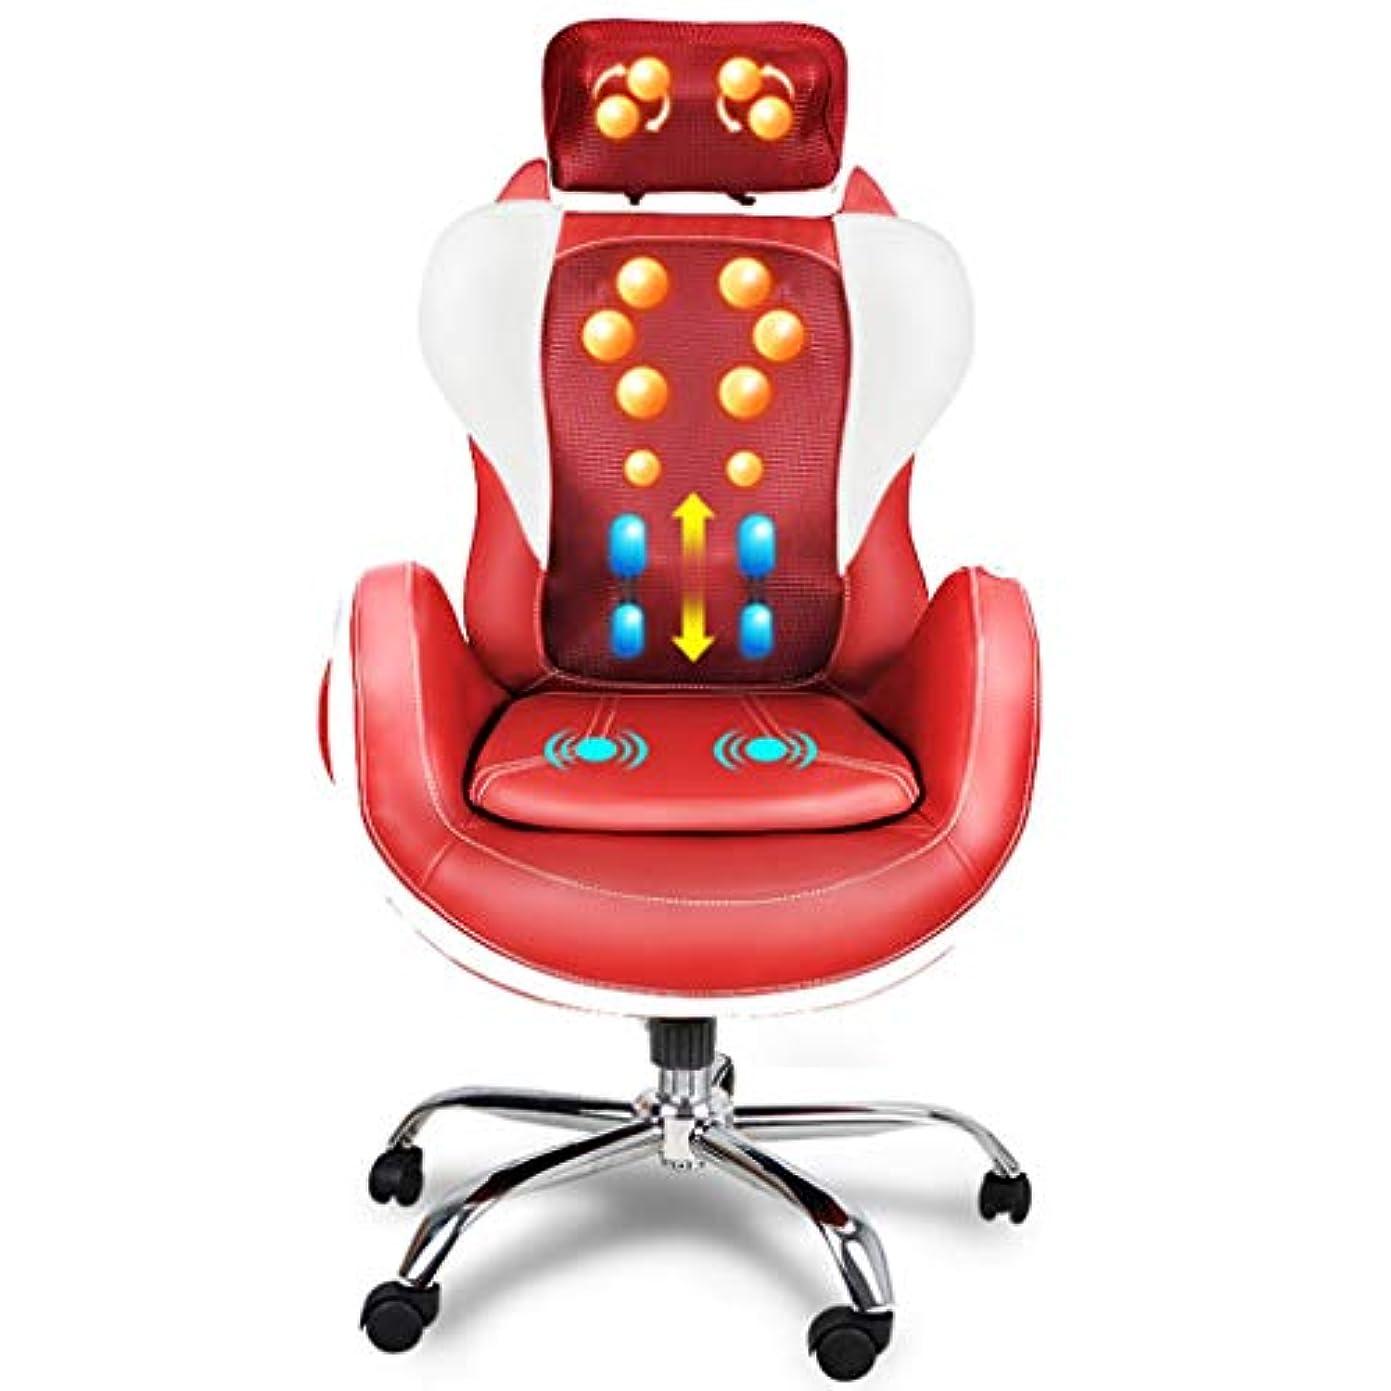 眠っているいらいらする強打フル 体 ケア 贅沢な 熱 オフィス Eletric マッサージ 椅子 体 マッサージ 椅子 コンピュータチェア 回転椅子 多機能 マッサージ器。 MAG.AL,Red